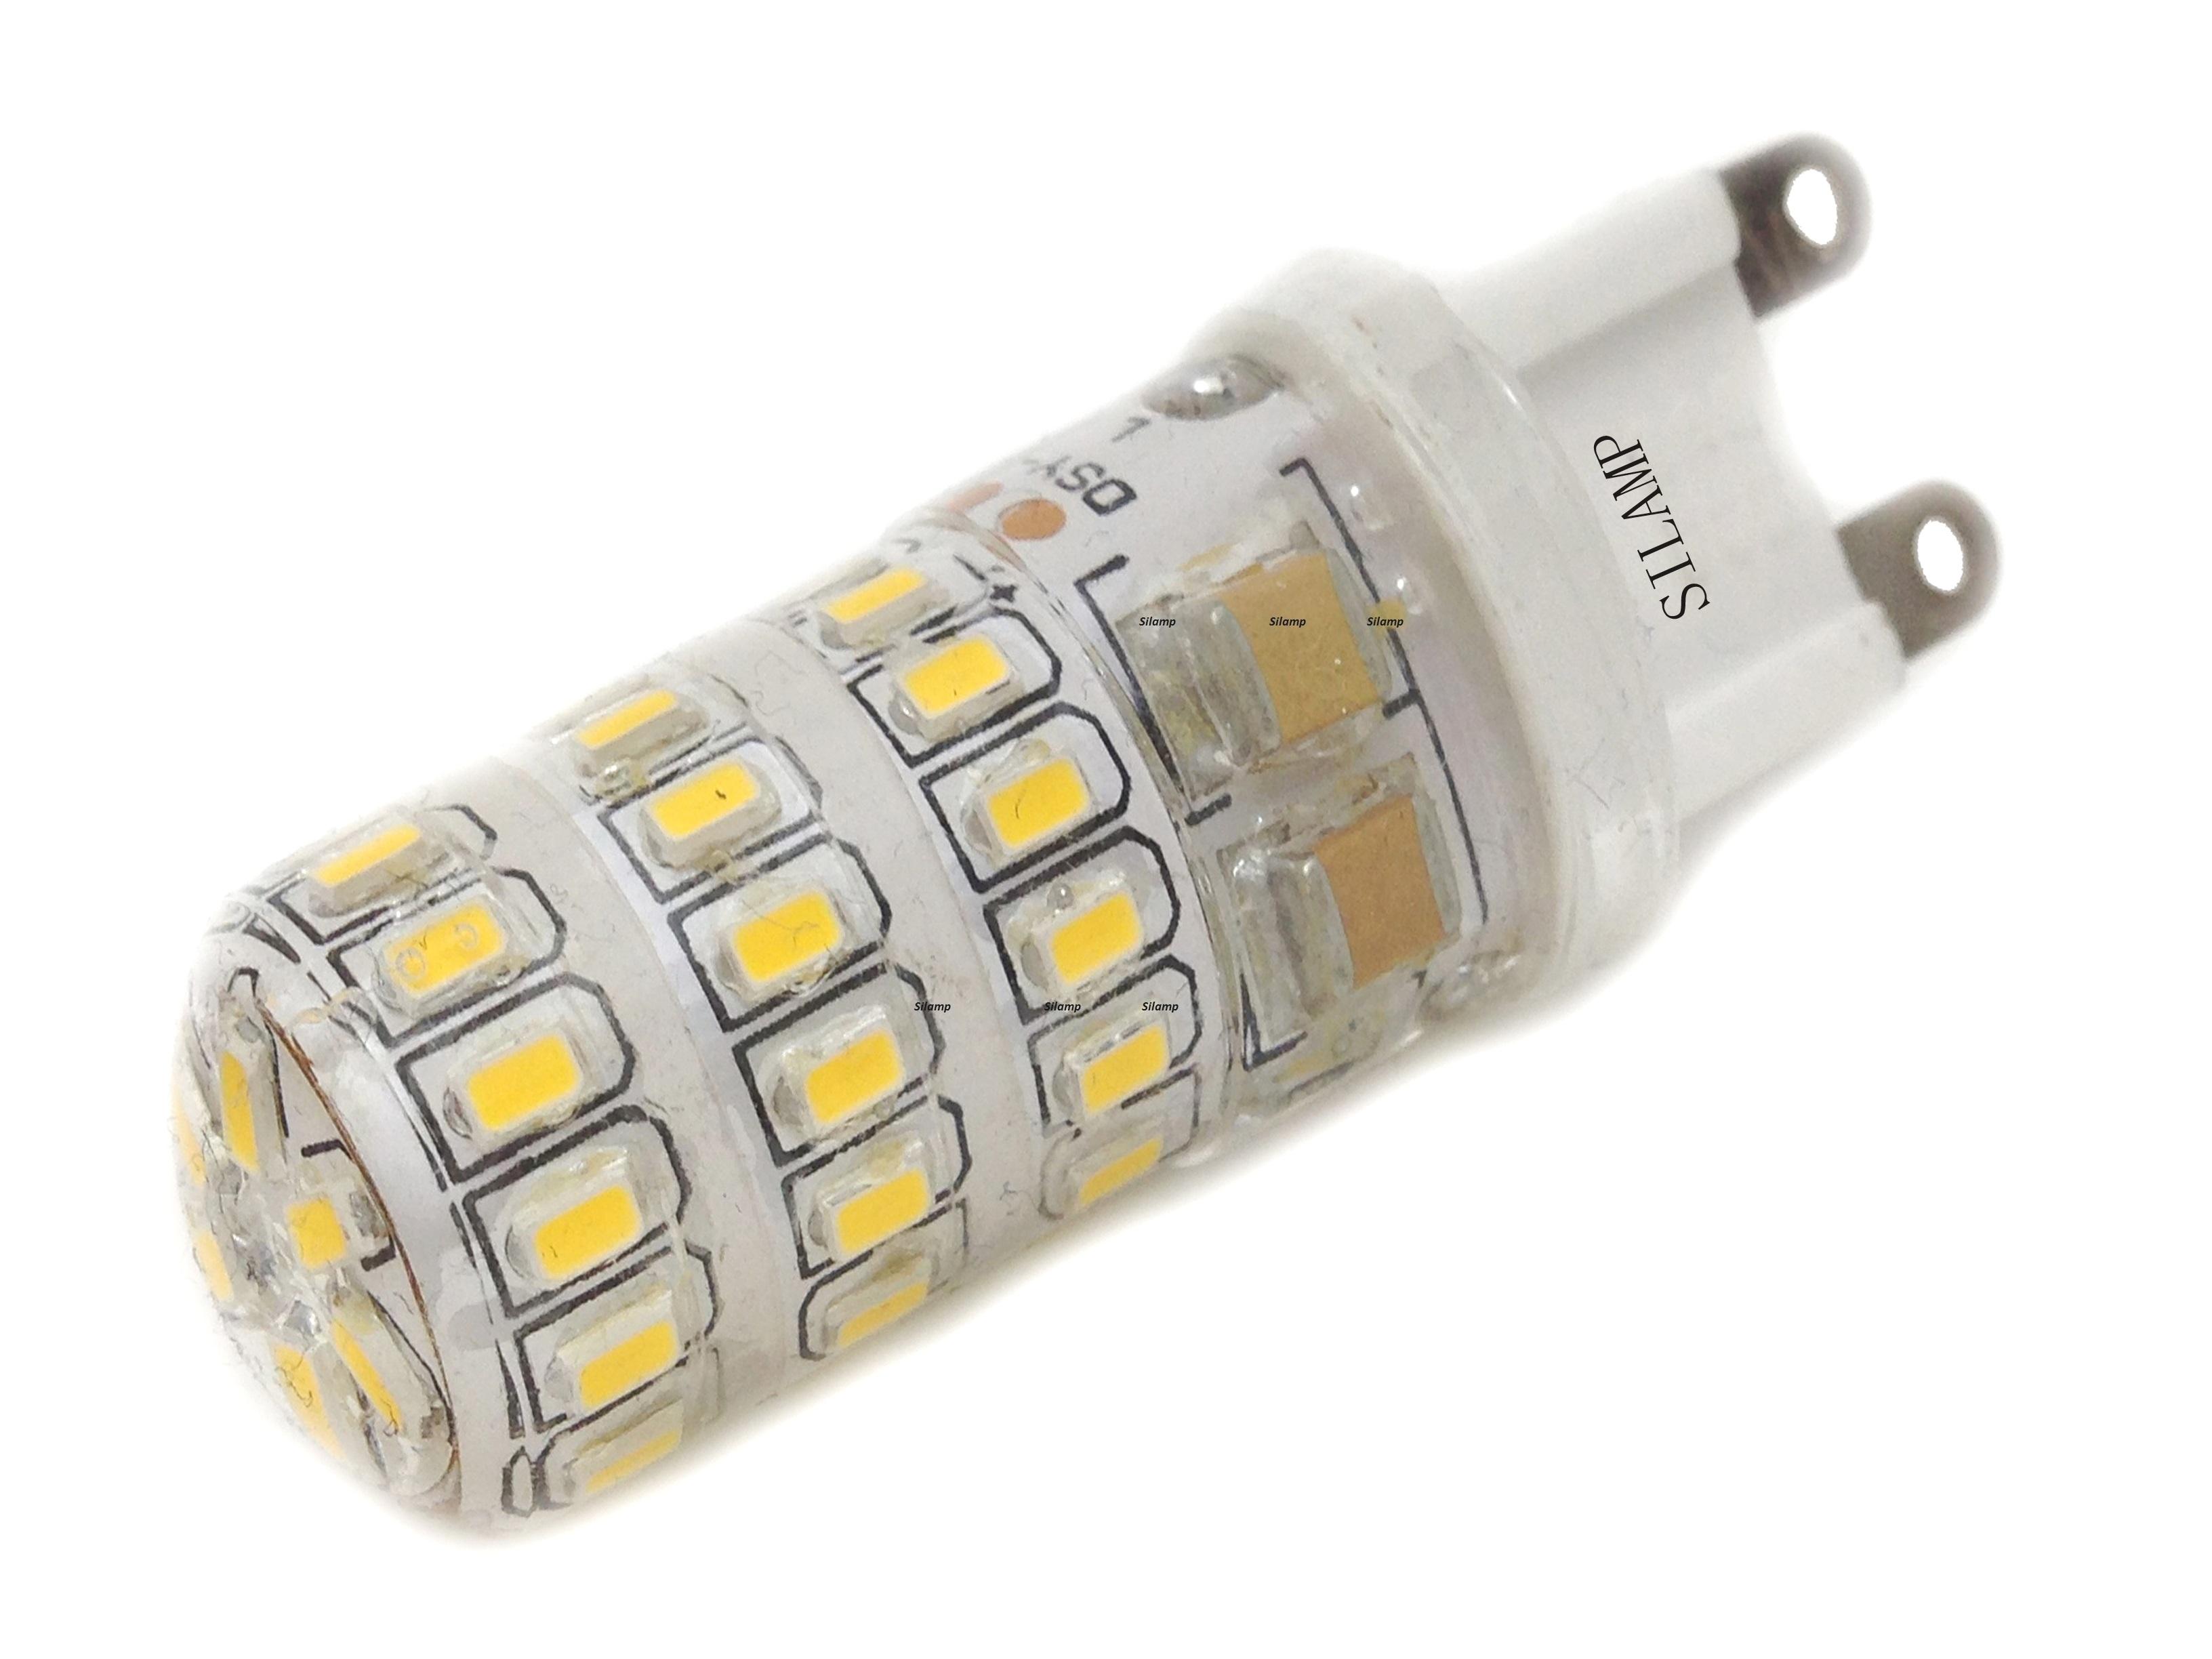 g lampadina : Dettagli su - Lampadina led G9 45Led 5W lampada Lampadine g9 Led smd